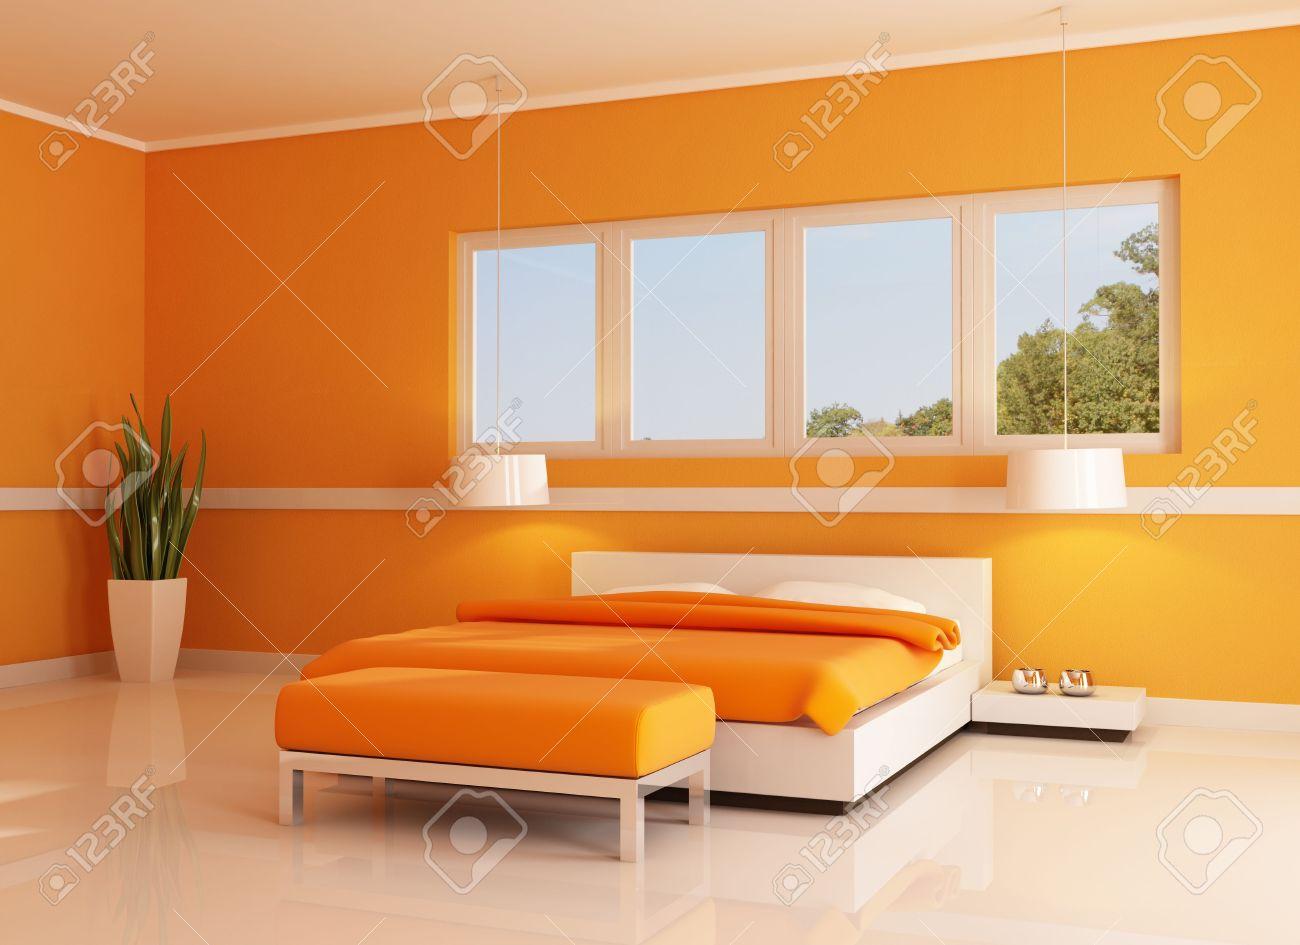 Merveilleux Banque Du0027images   Chambre Orange Moderne Contre La Fenêtre Blanche   Rendu